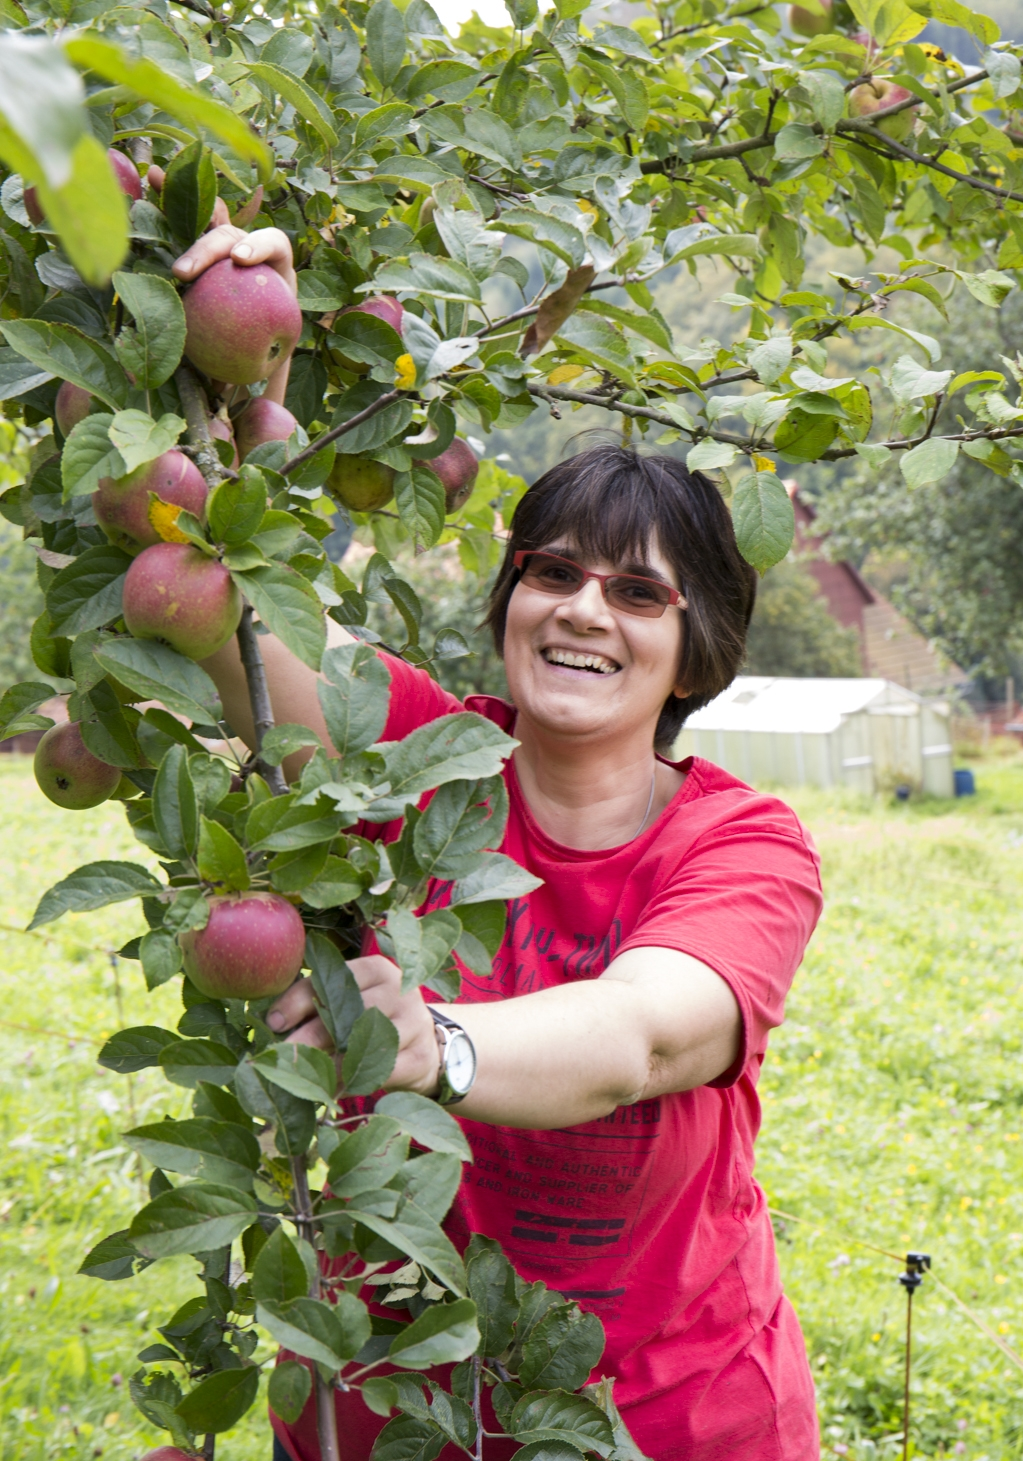 """Die Äpfel sind für unsere Fruchtbrotaufstriche : """"Apfel-Zimt"""", """"Apfel-Vanille"""", """"Apfel-Rose,"""" """"Apfelwein"""""""